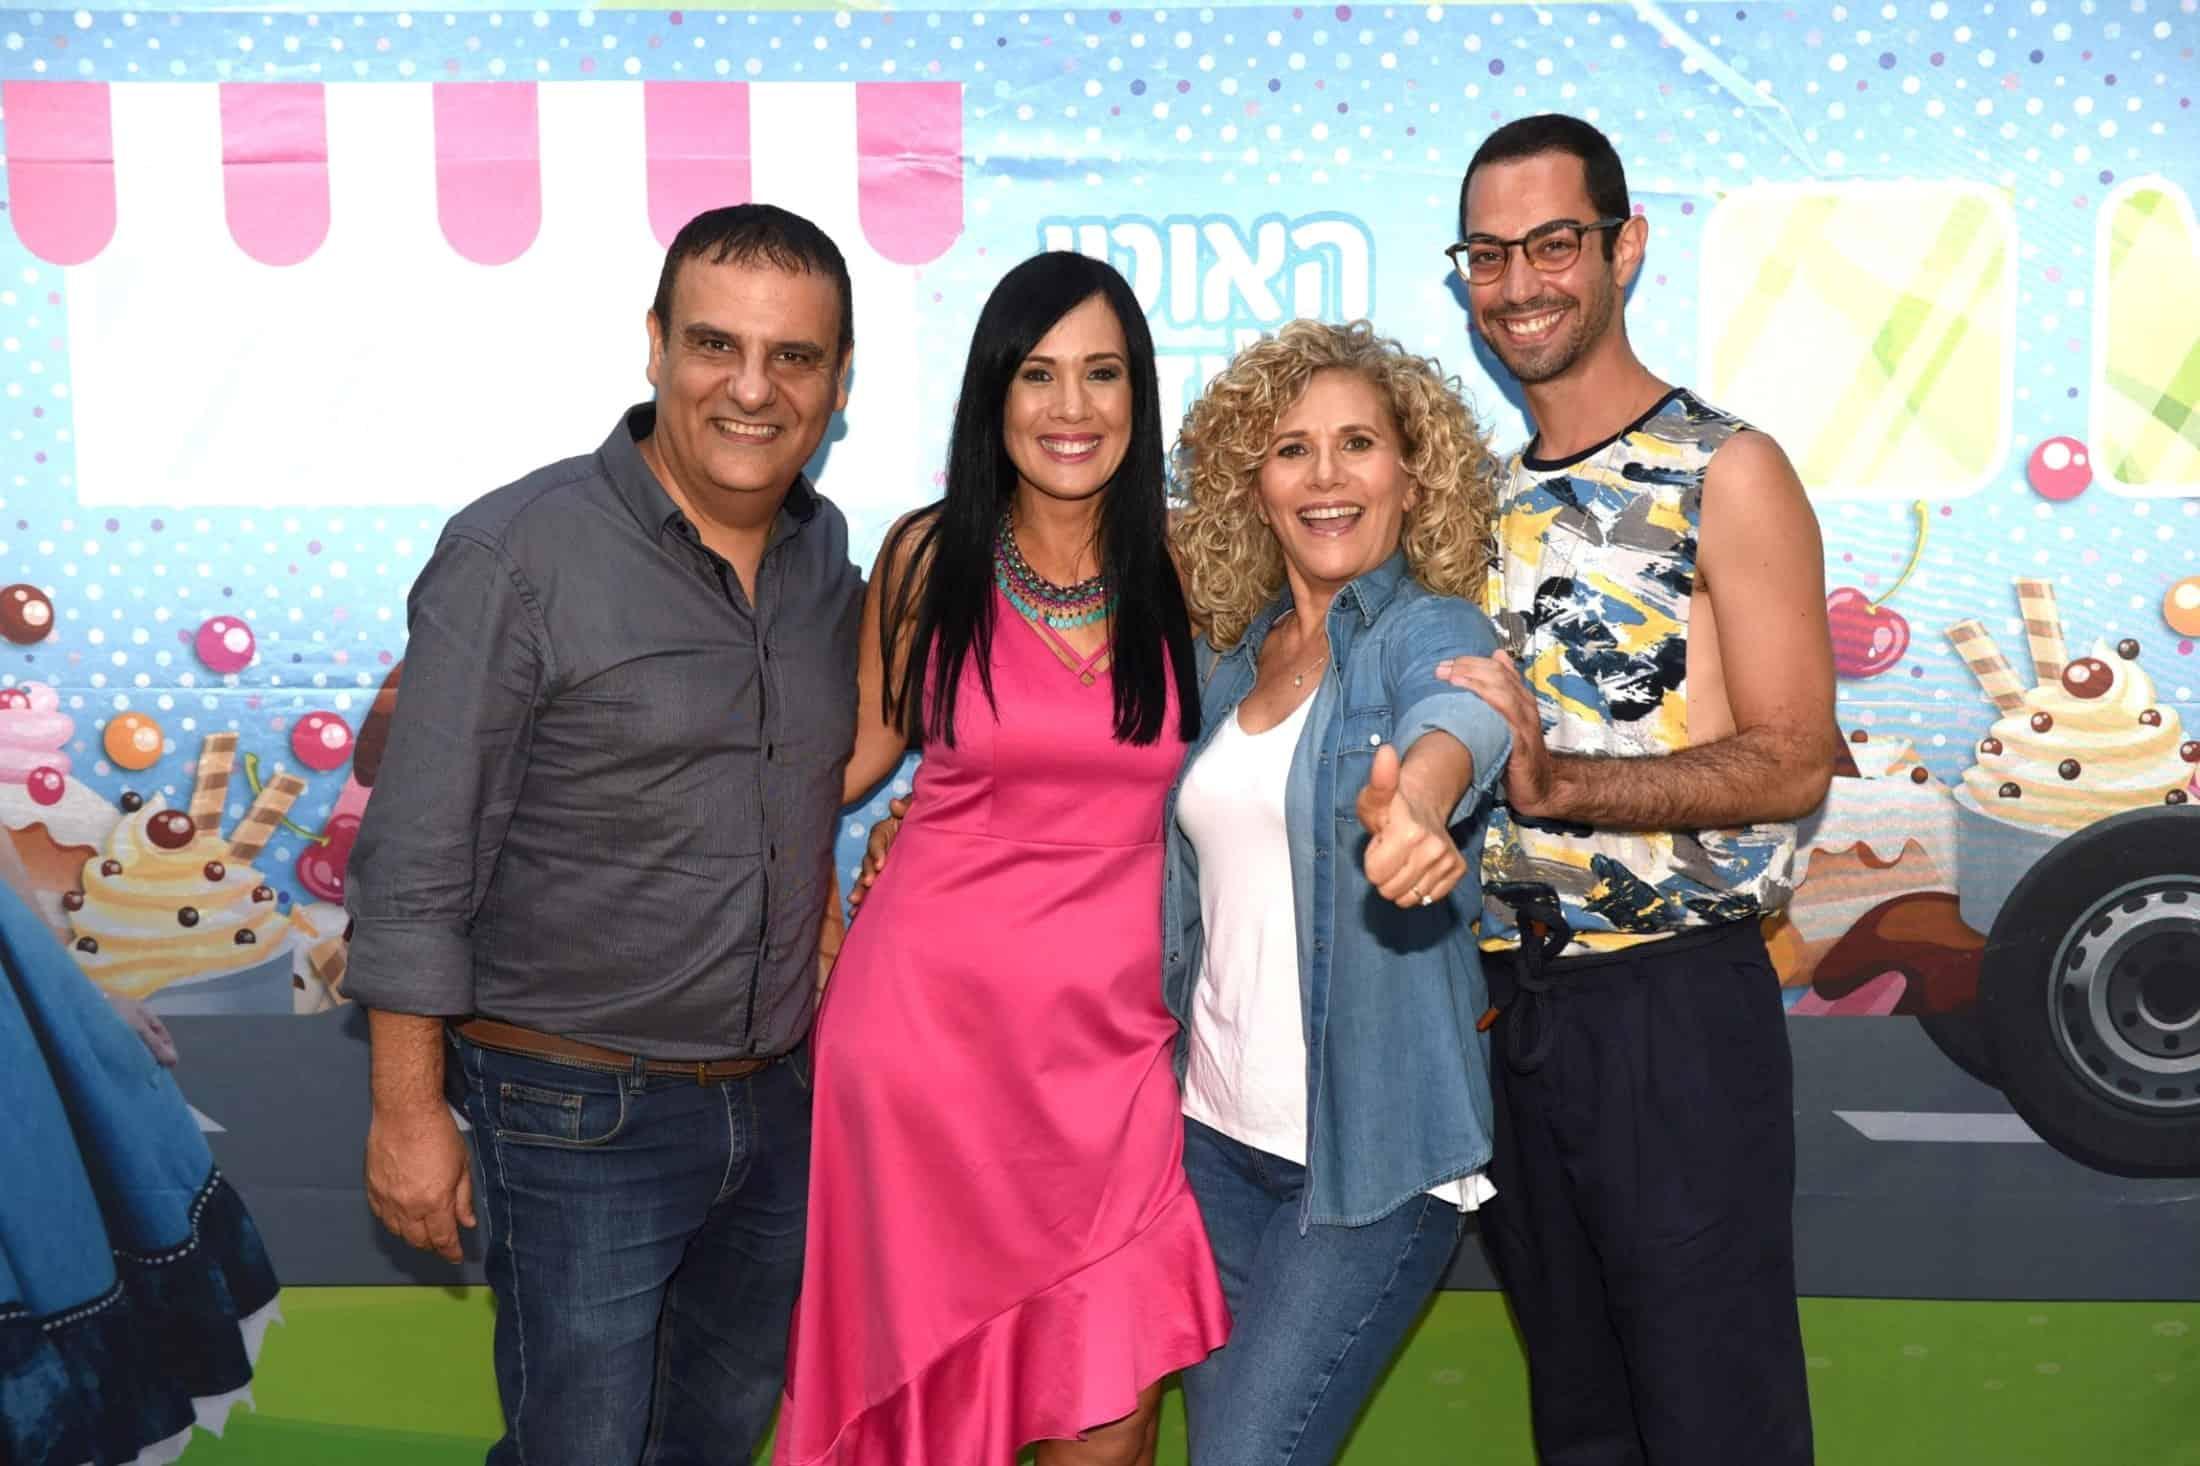 כוכבי הסדרה אסף משה עירית ענבי אתי (אסתר) קסטרו ואסף אשתר